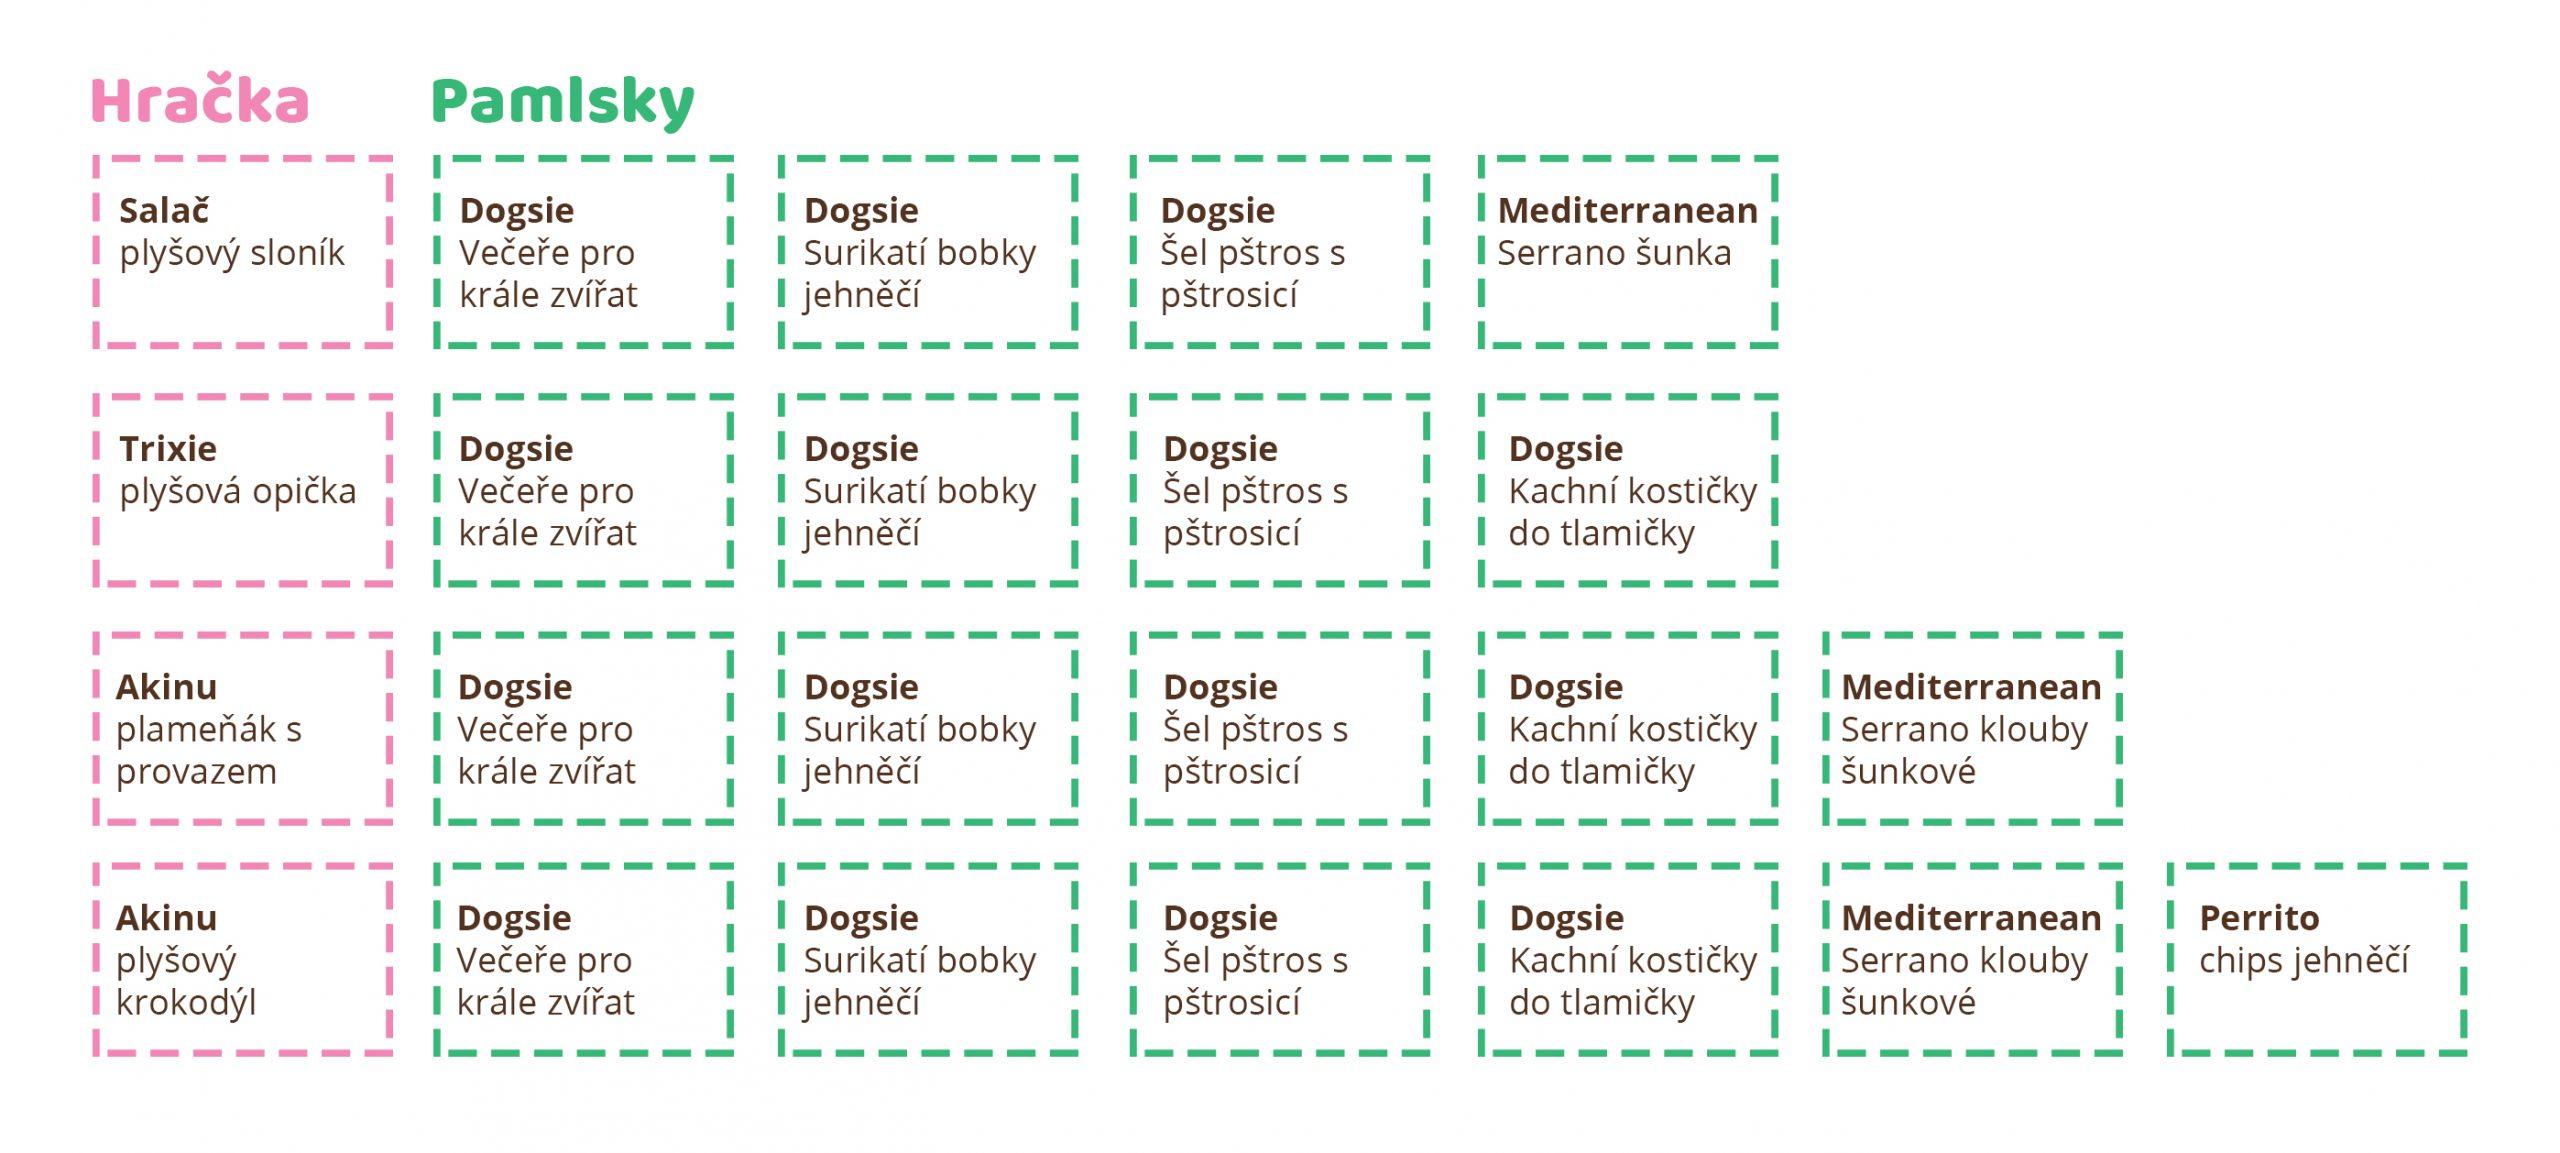 tabulkový přehled produktů v březnovém Dogsie